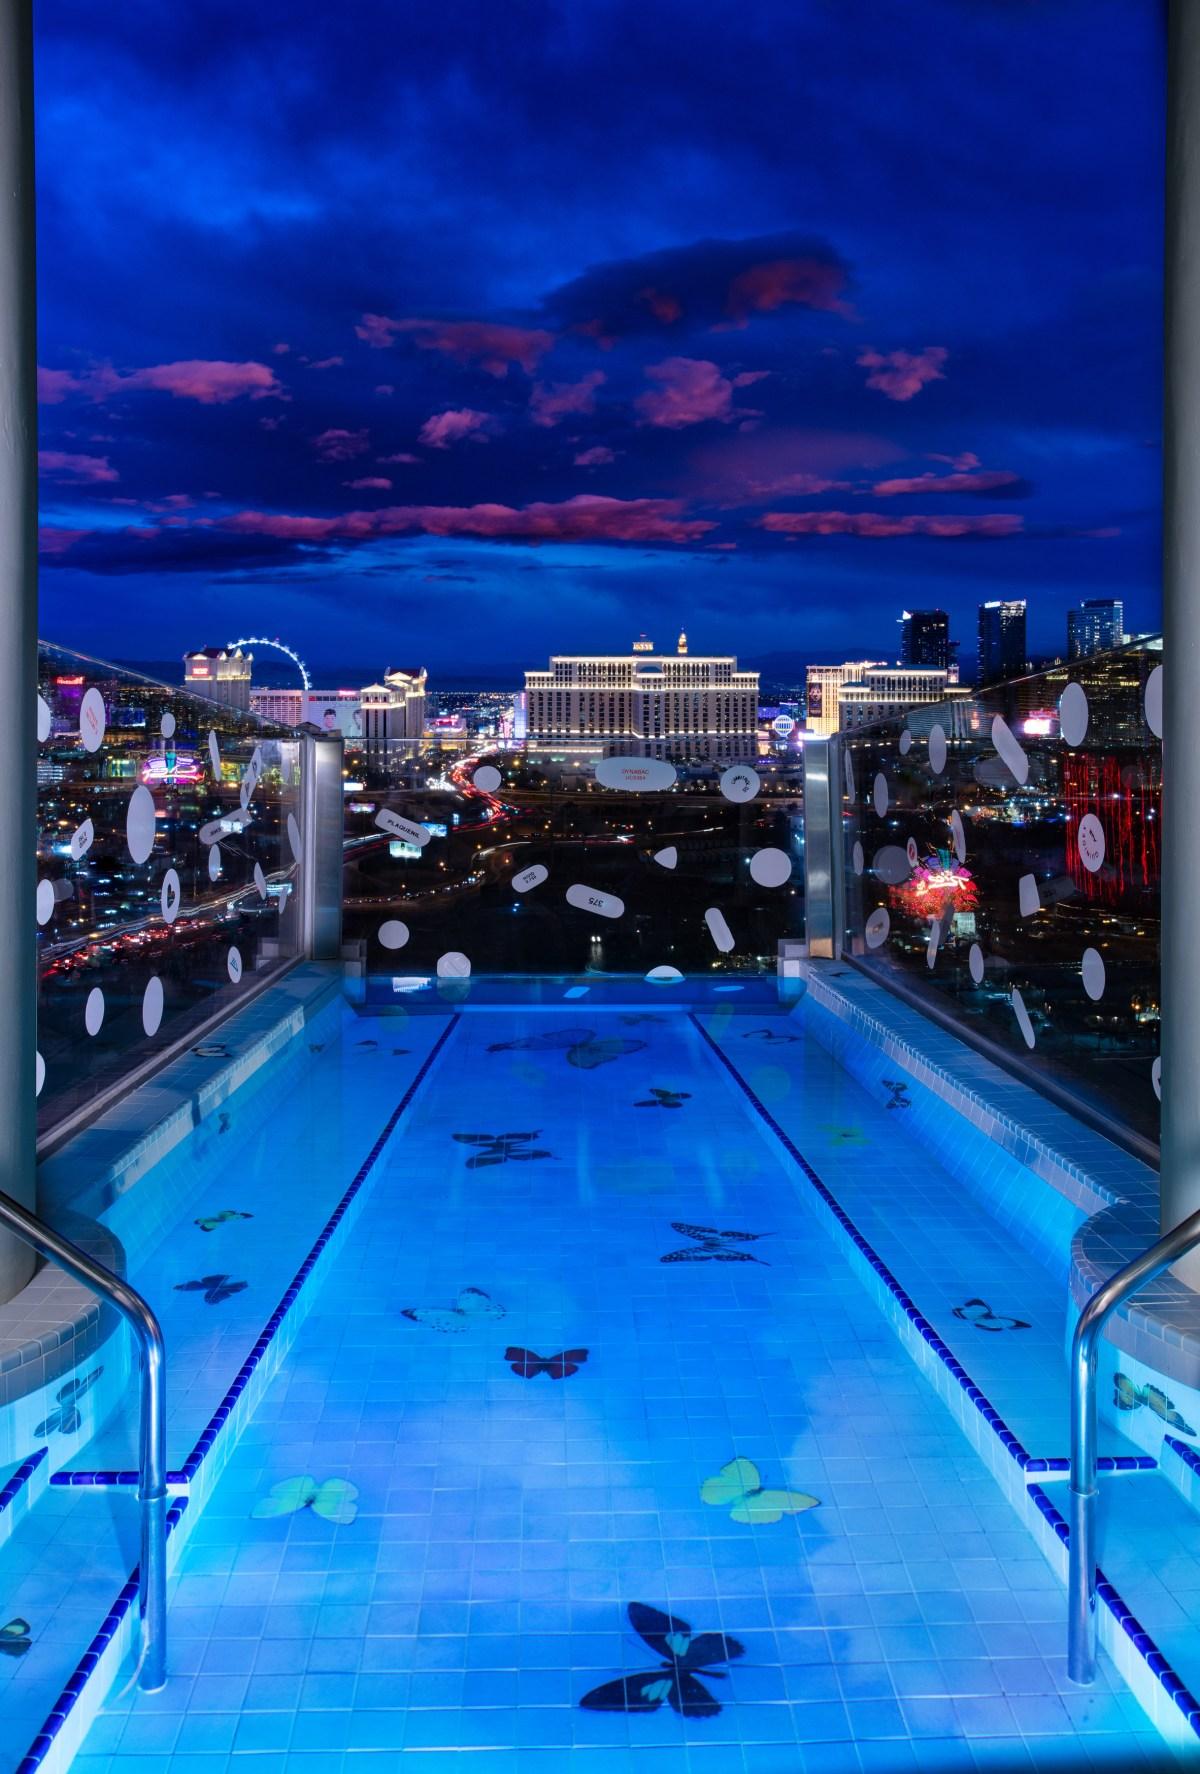 empathy-suite-damien-hirst-interiors-hotel-las-vegas-6